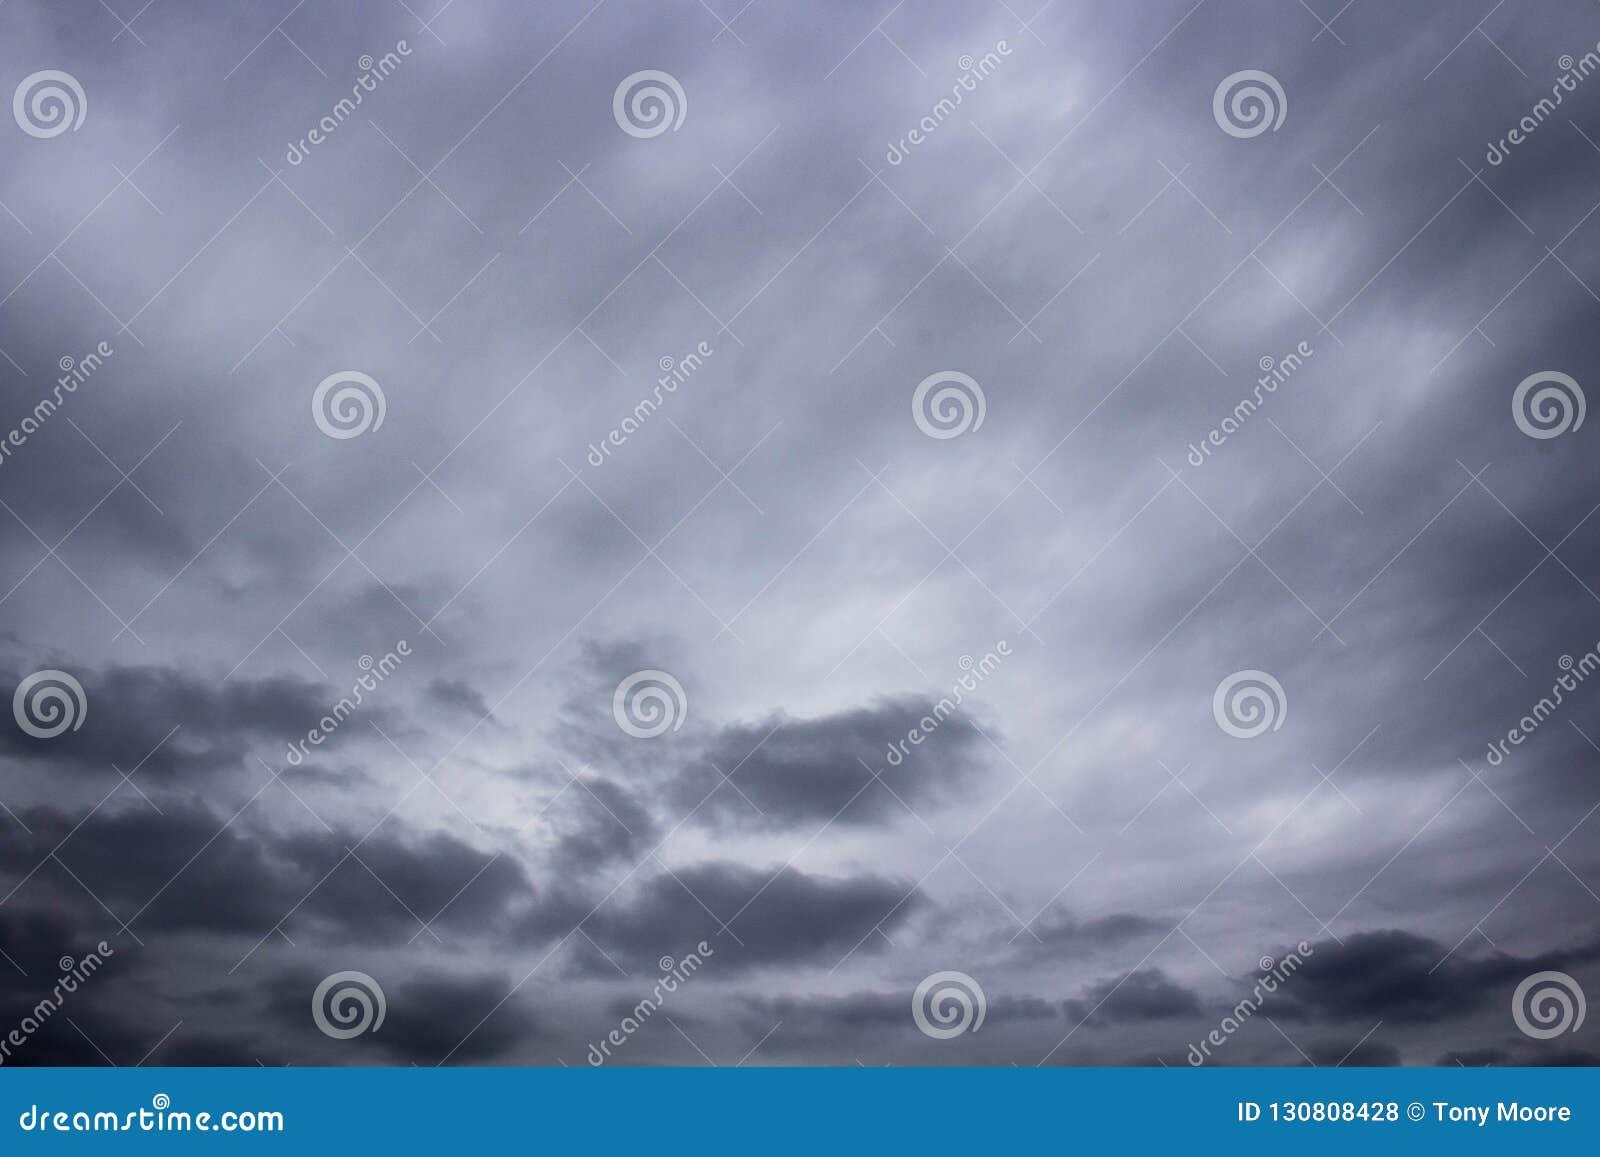 Σκοτεινά σύννεφα που κυλούν μέσα